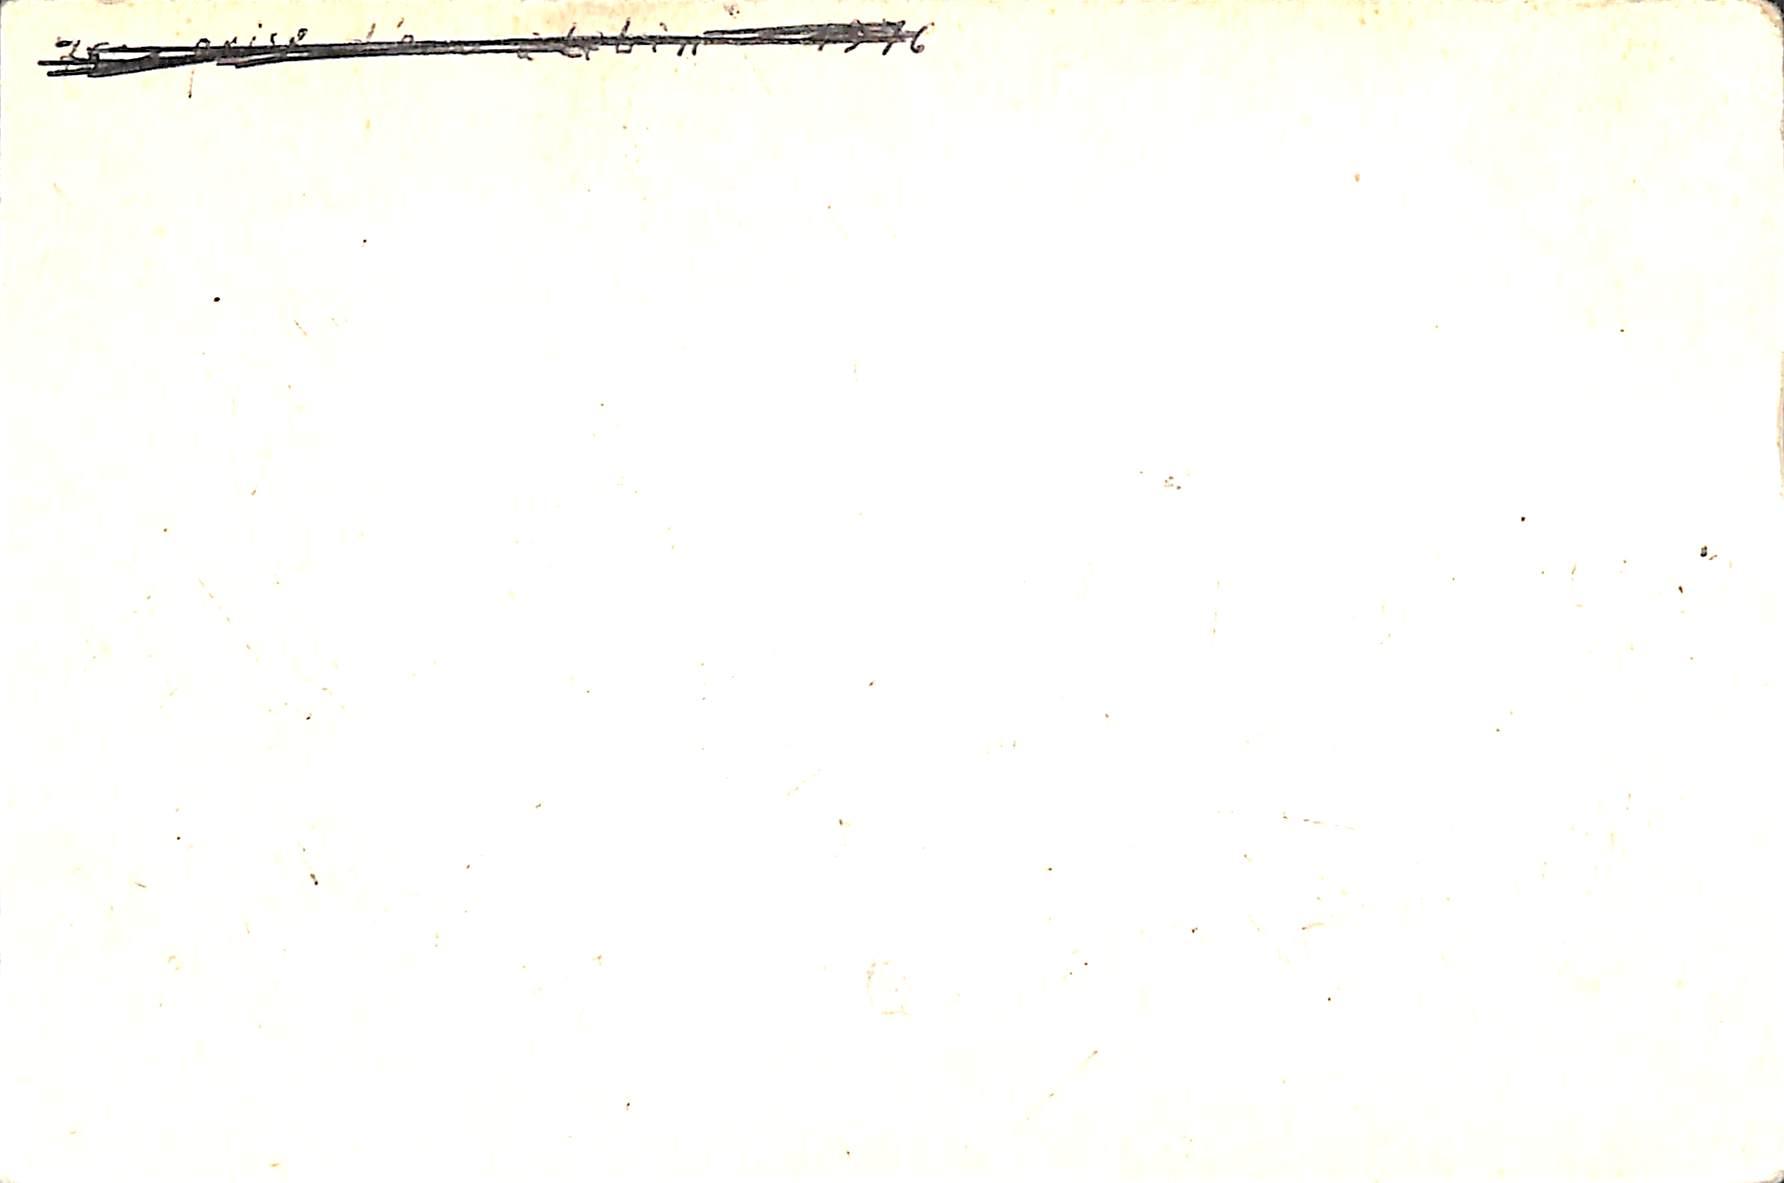 195W 75.jpg